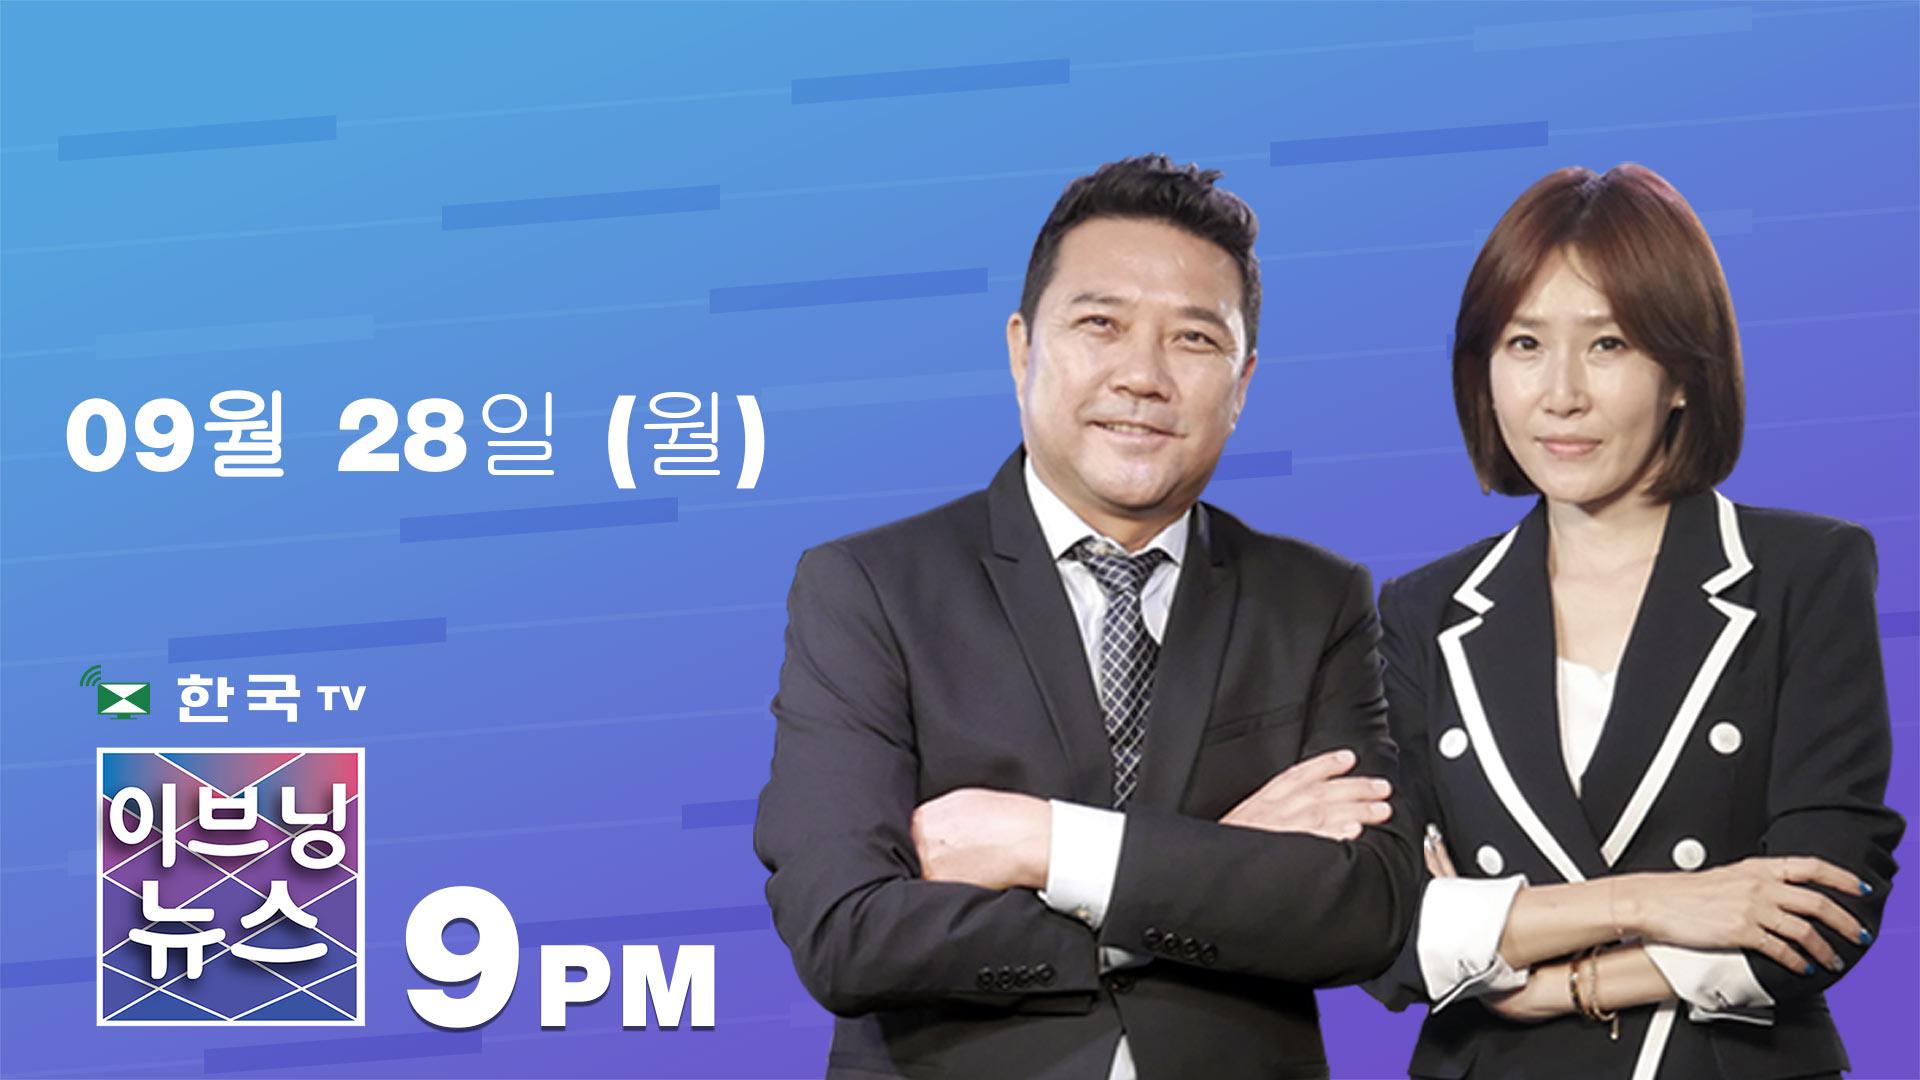 (09.28.2020) 한국TV 이브닝 뉴스